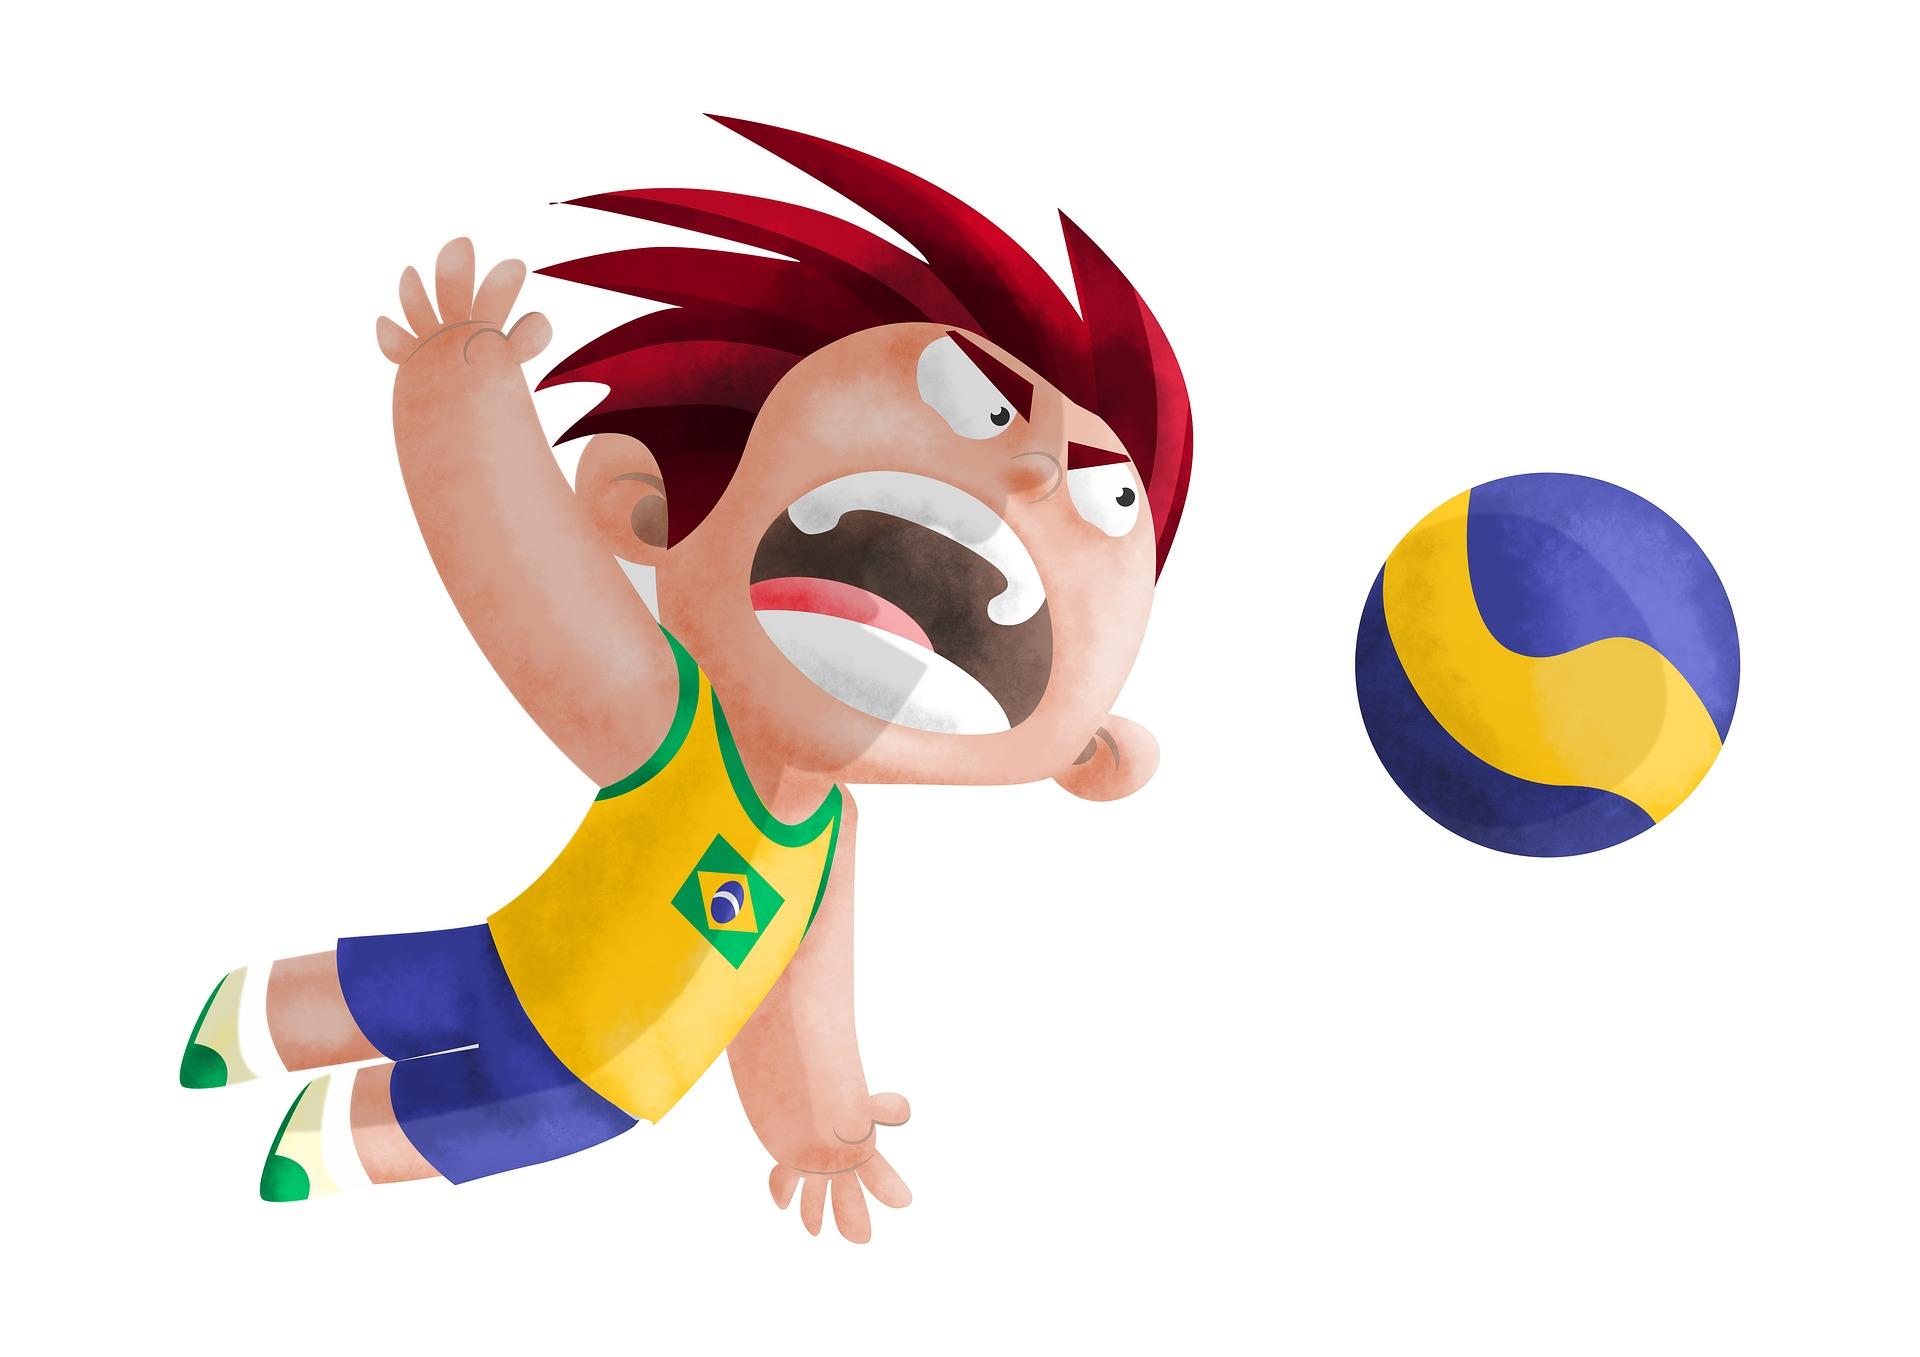 Βόλεϊ, Ο τύπος, Βραζιλία, Ολυμπιακά παιχνίδια, Ολυμπιακοί Αγώνες - Wallpapers HD - Professor-falken.com